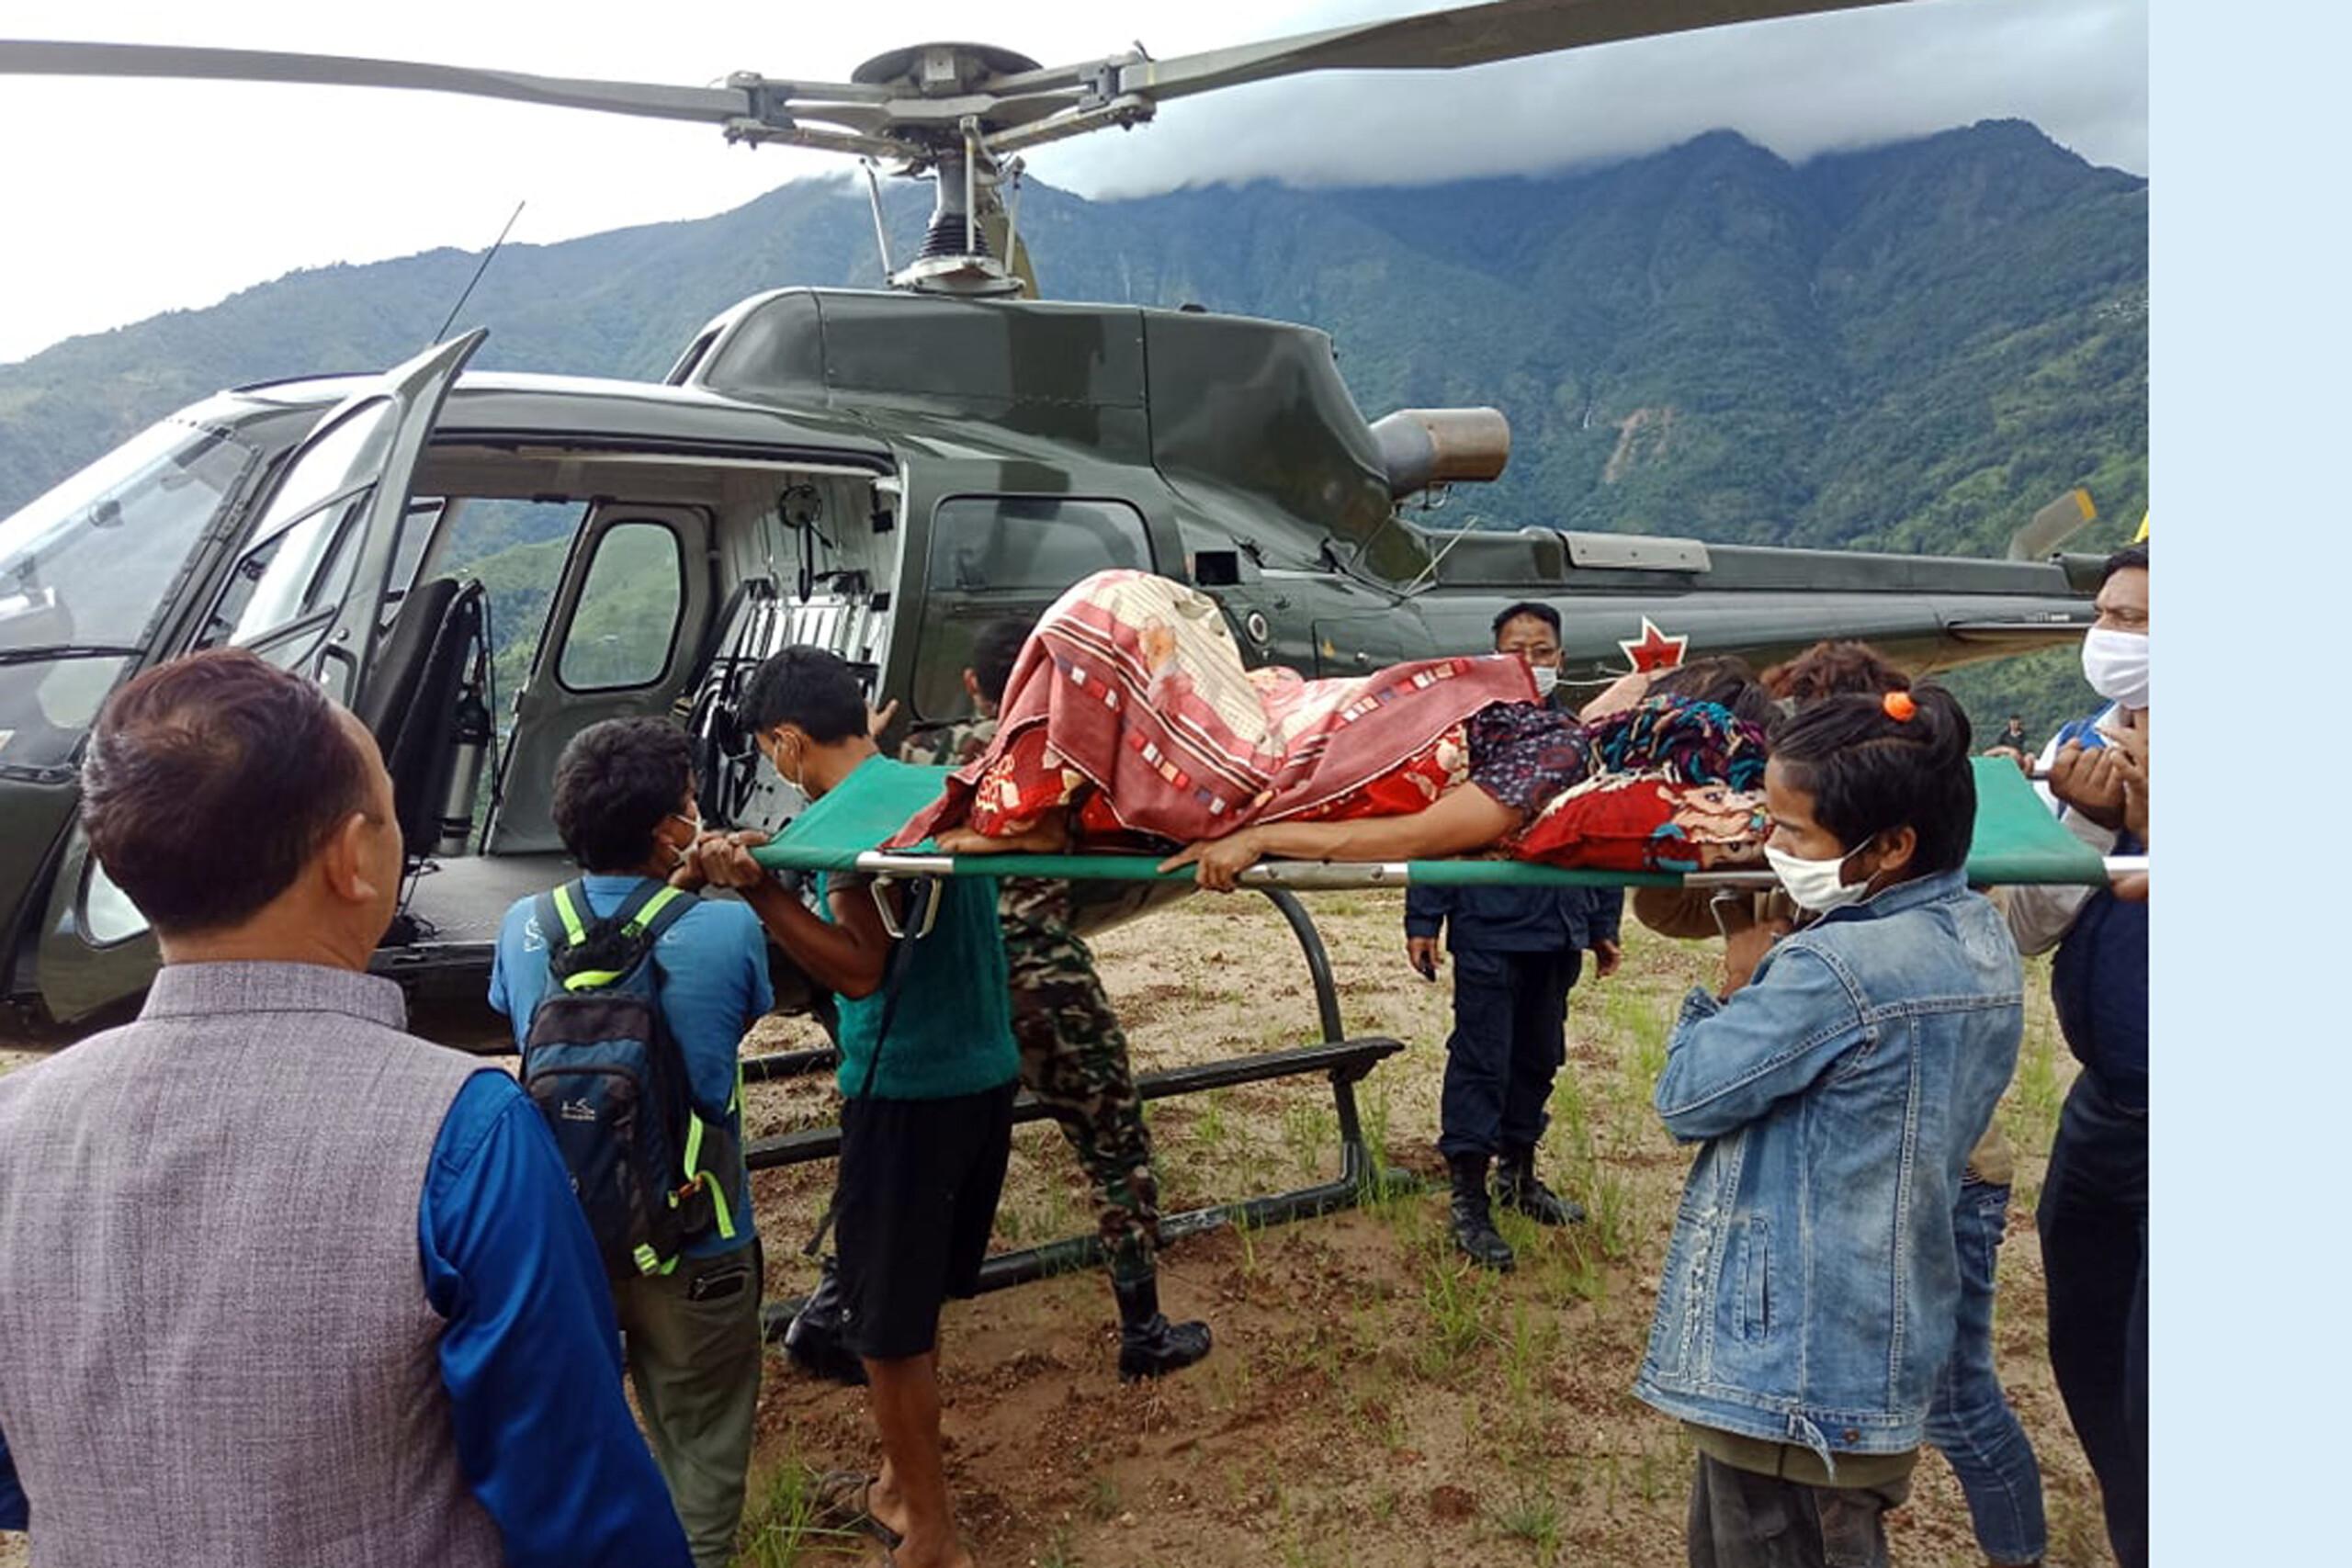 गर्भवतीलाई हेलिकप्टरद्वारा उद्धार